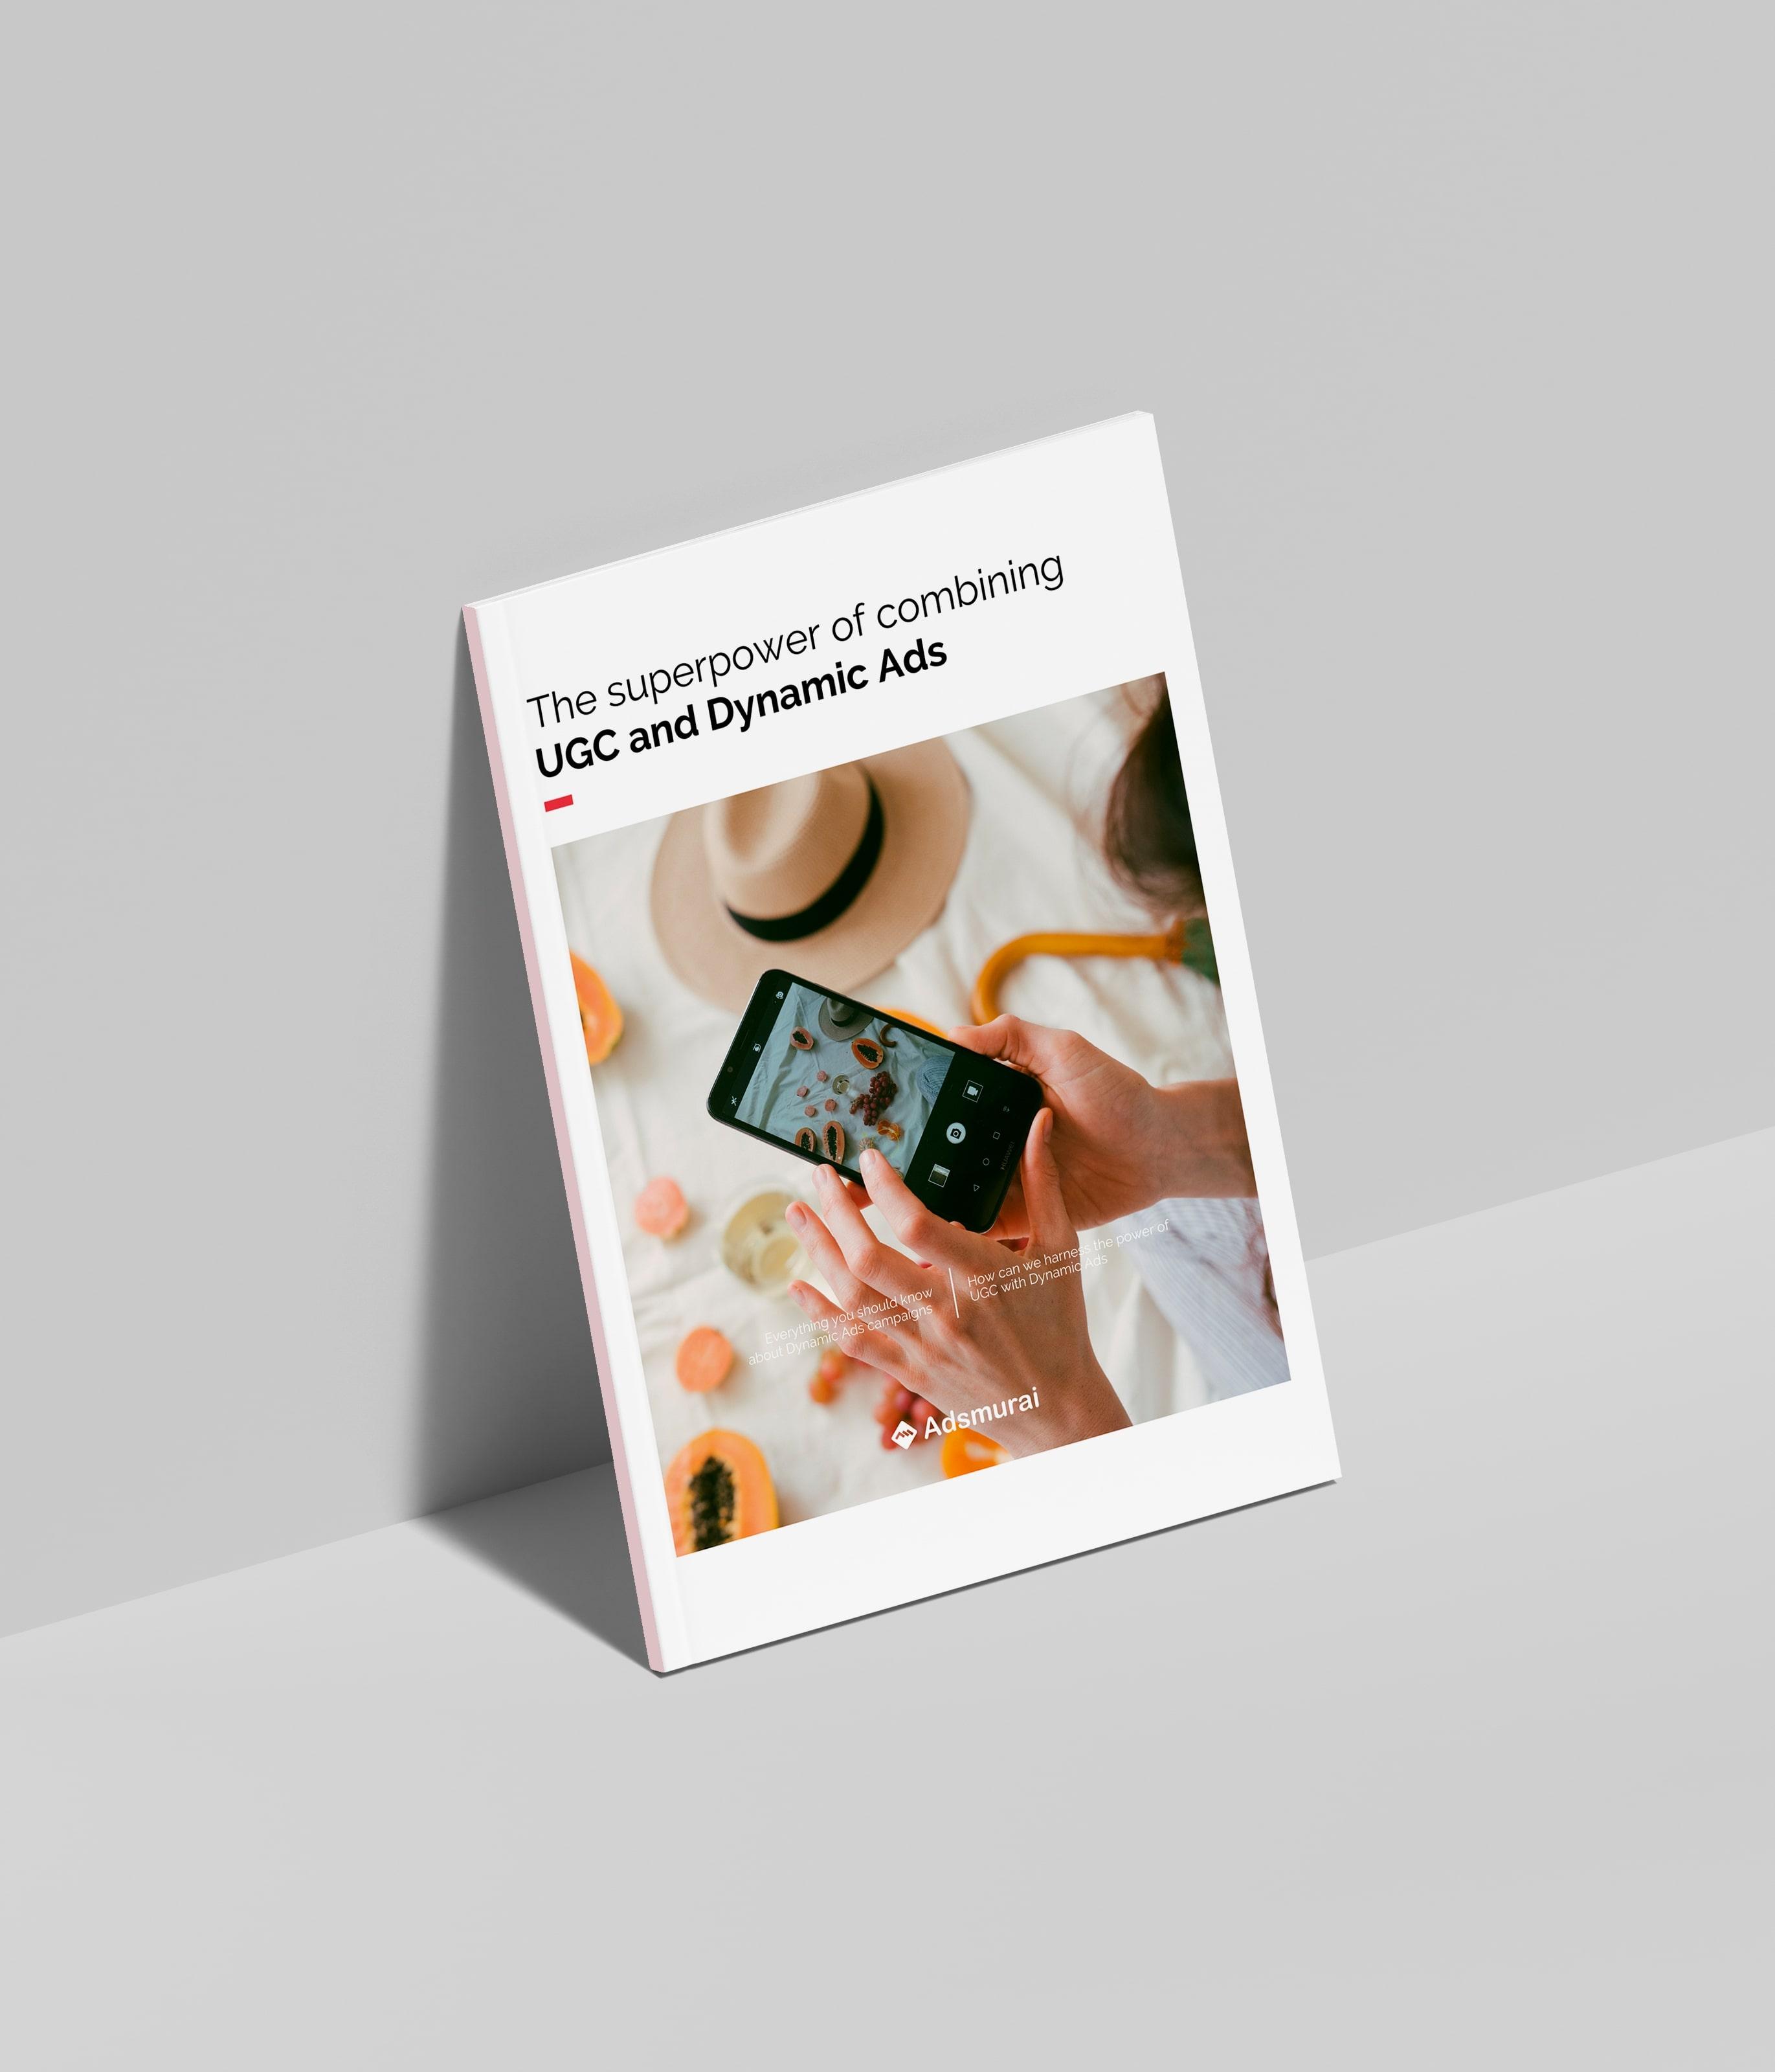 ugc dynamic ads ebook